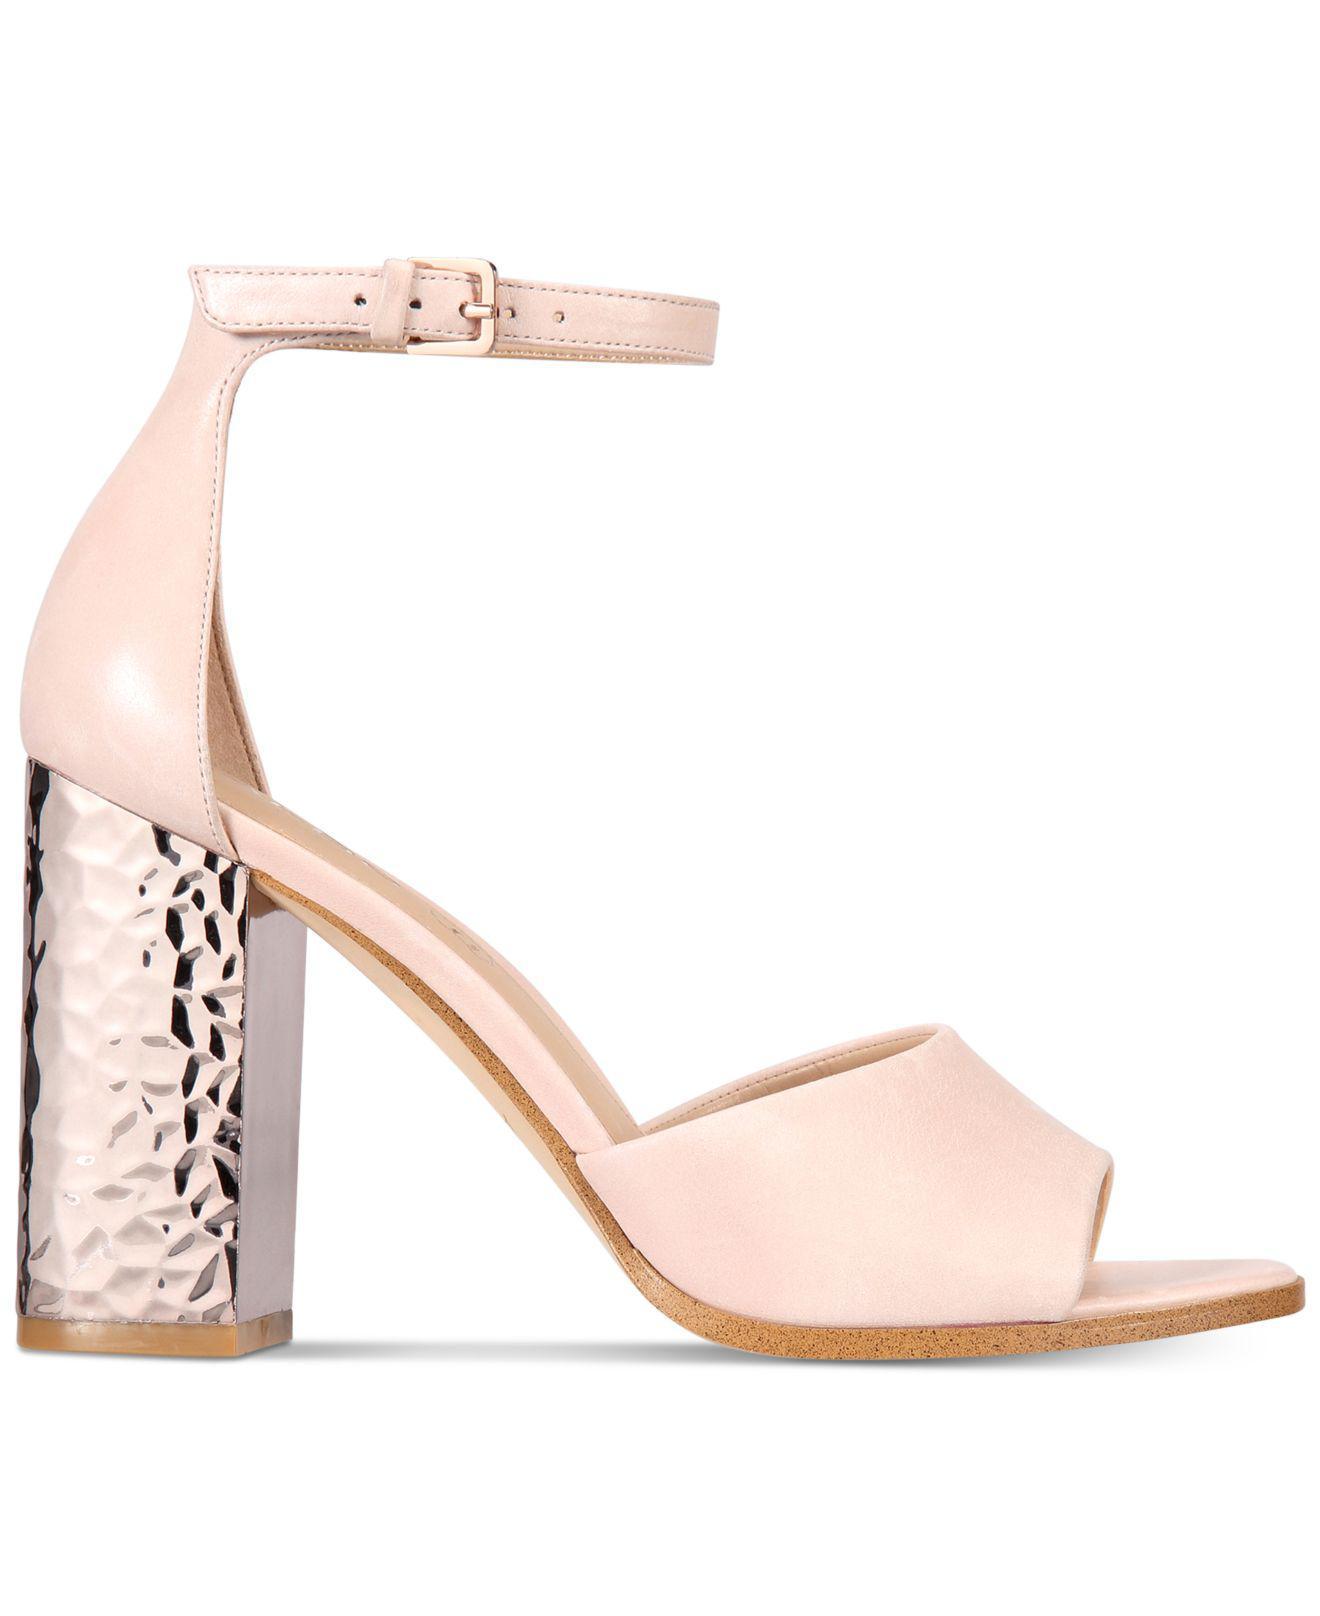 94a63ac76d9 Lyst - ALDO Women s Nilia Two-piece Block-heel Sandals in Pink